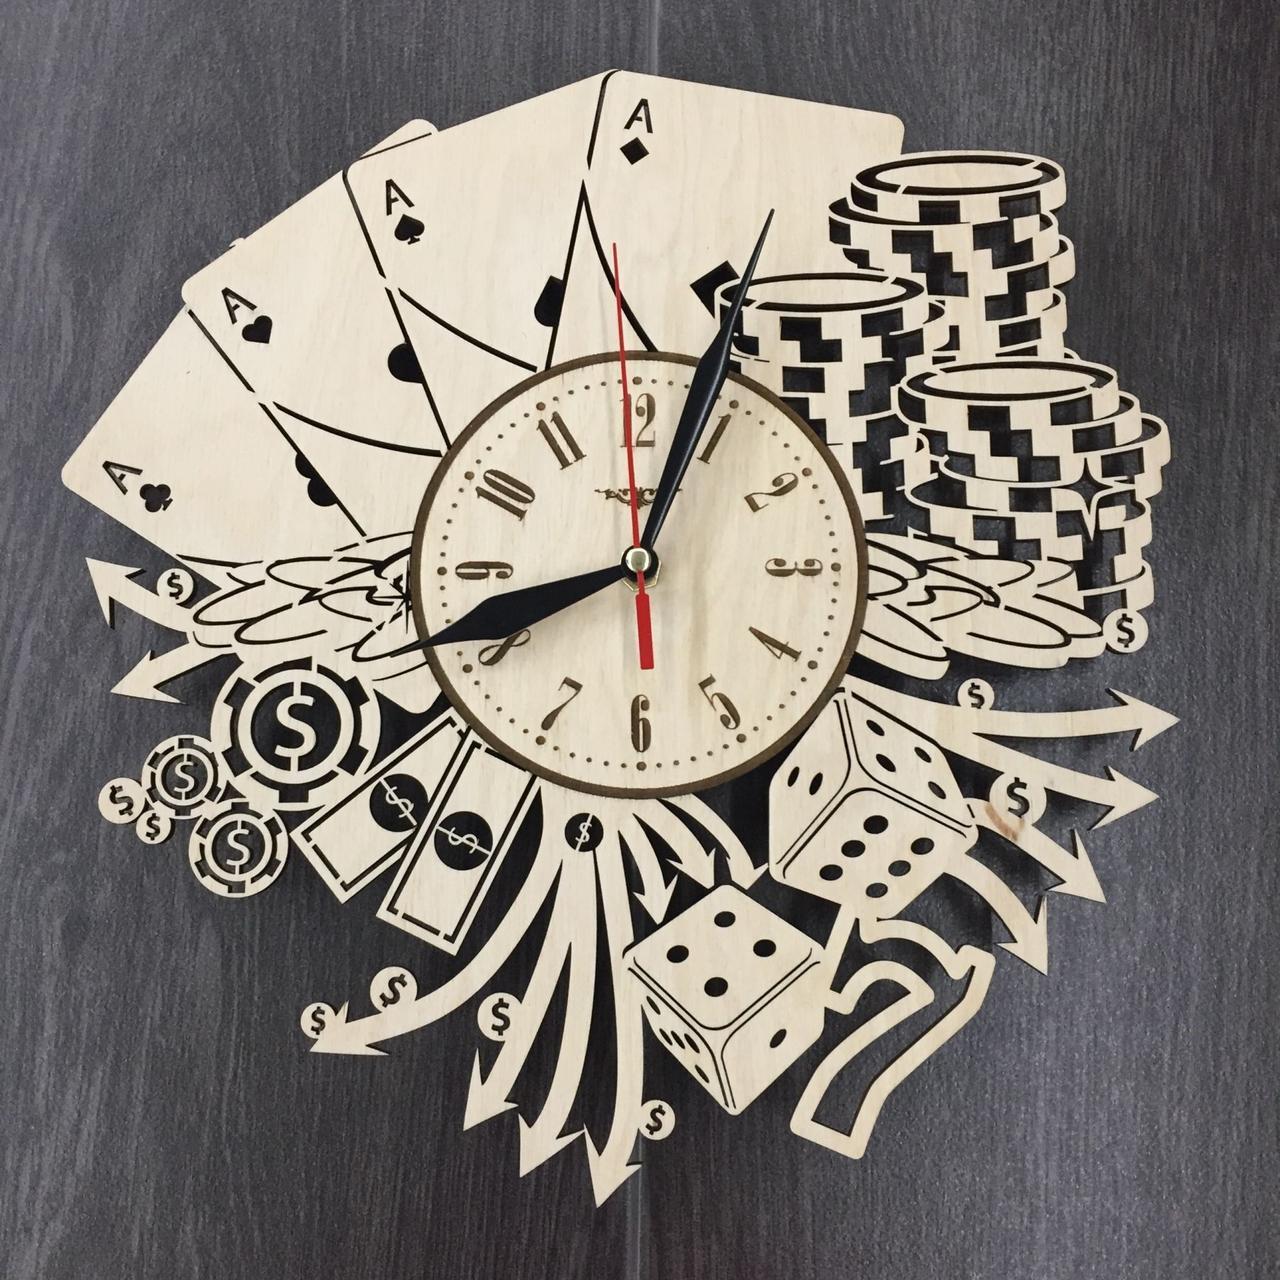 Стильные деревянные настенные часы Лас-Вегас бесшумные - подарок мужчине